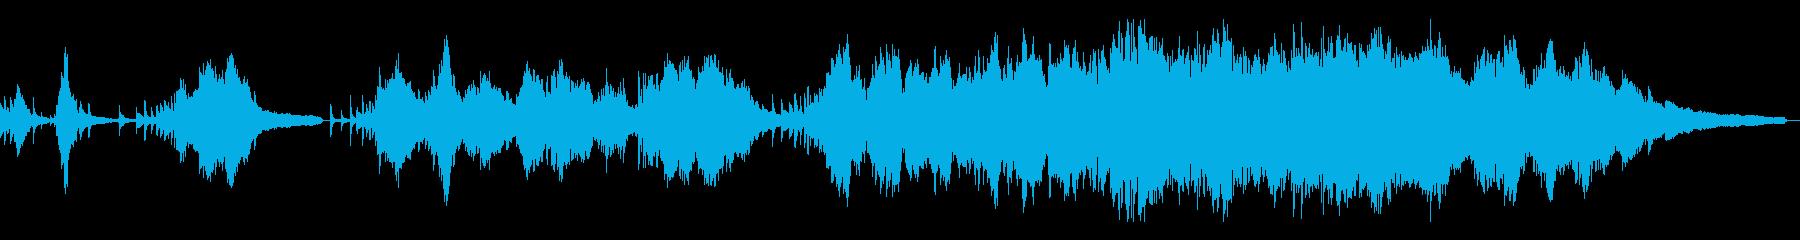 花吹雪/和風の雰囲気12-ピアノソロの再生済みの波形